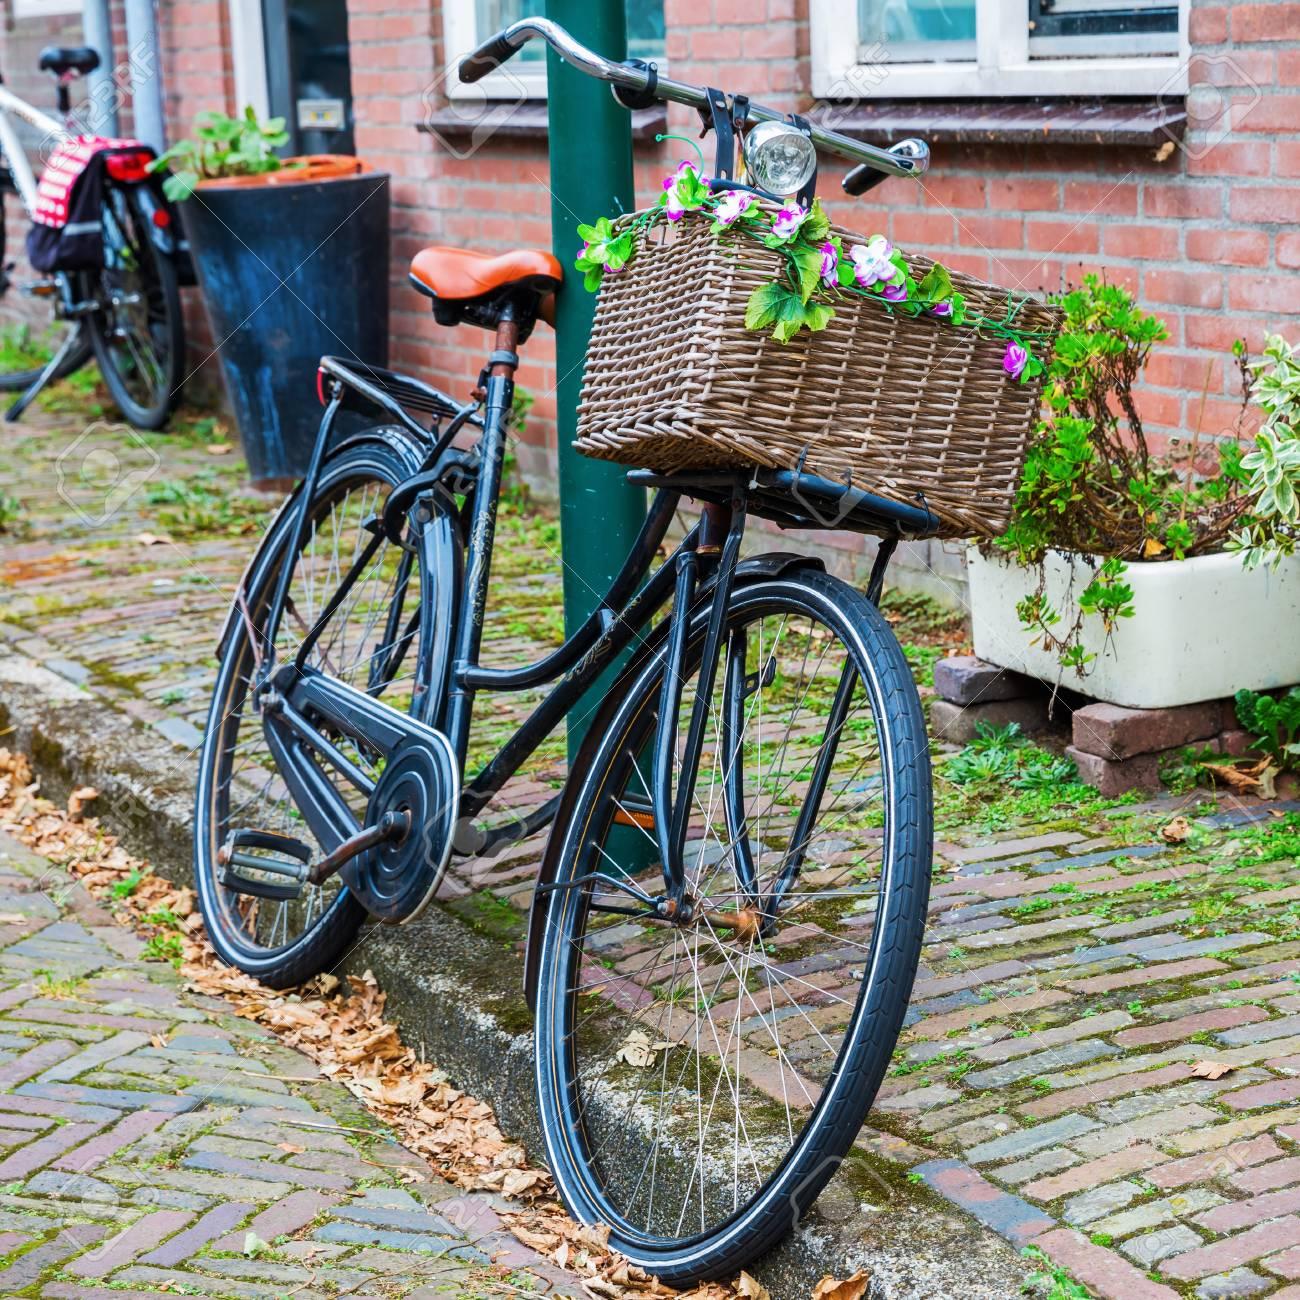 Bicicletta Decorata Con Un Carrello In Una Città Olandese